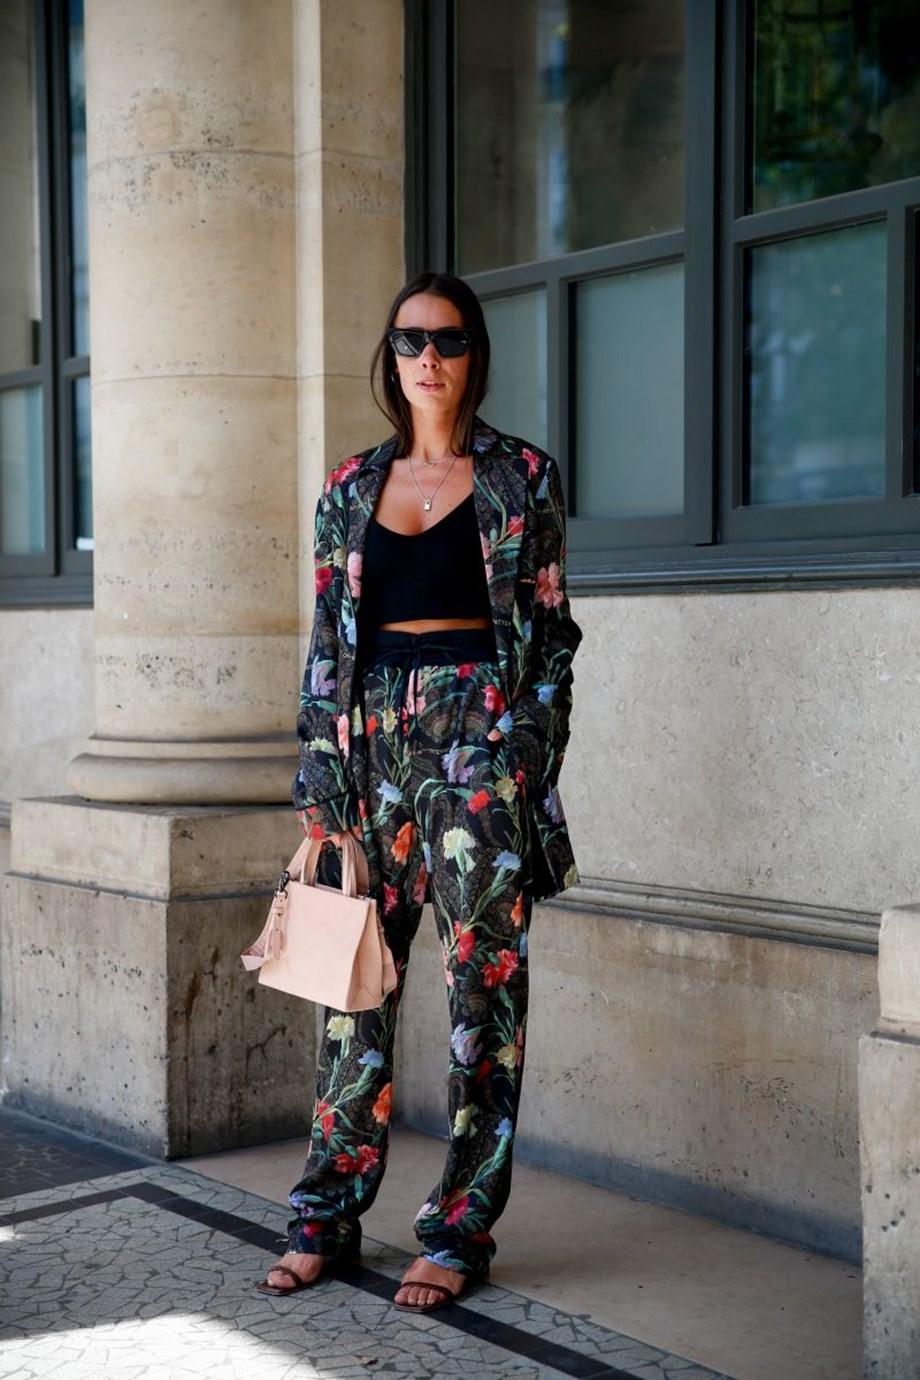 Πώς θα φορέσεις τα πολύχρωμα prints φέτος με τον πιο κομψό τρόπο – ακόμη και στην πόλη! - Φωτογραφία 2